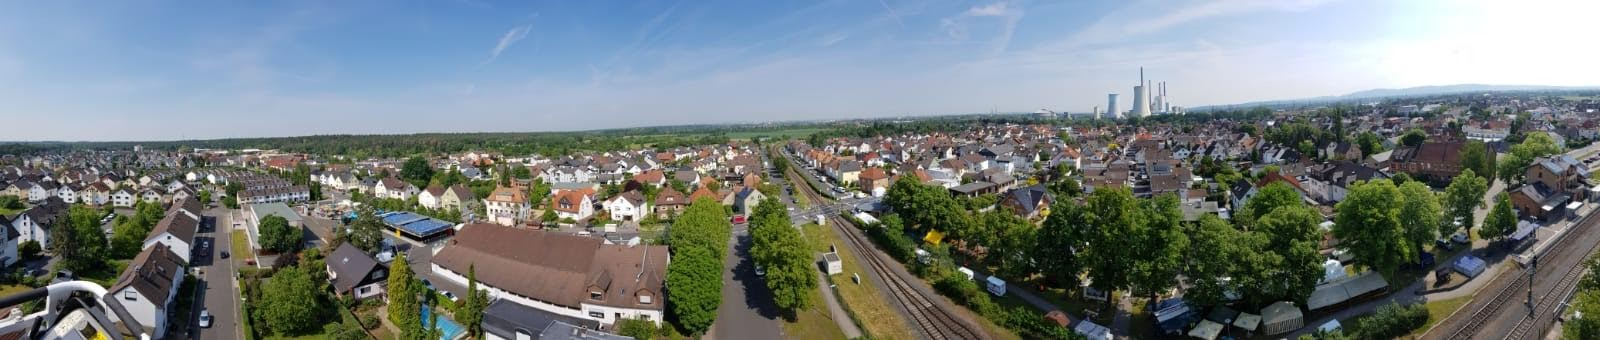 Luftaufnahme Hainburg